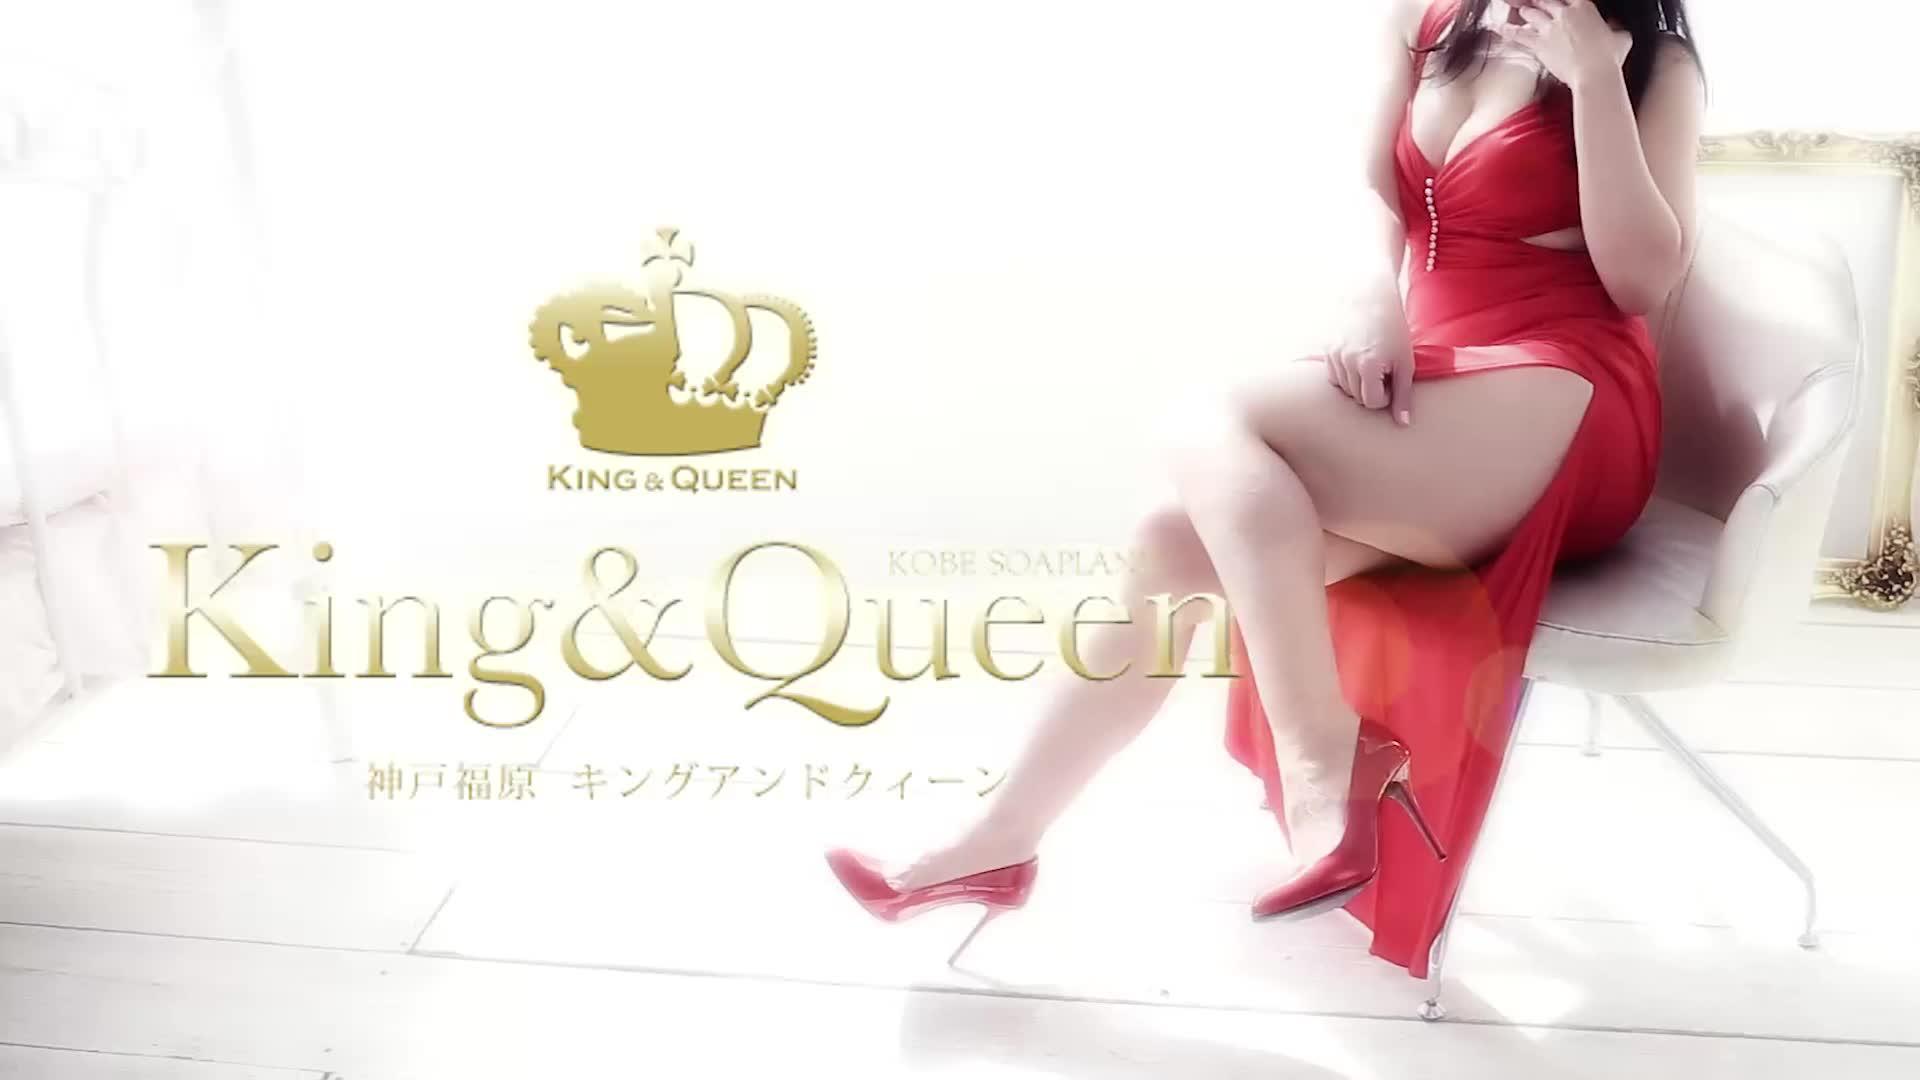 キング&クィーン|風俗動画